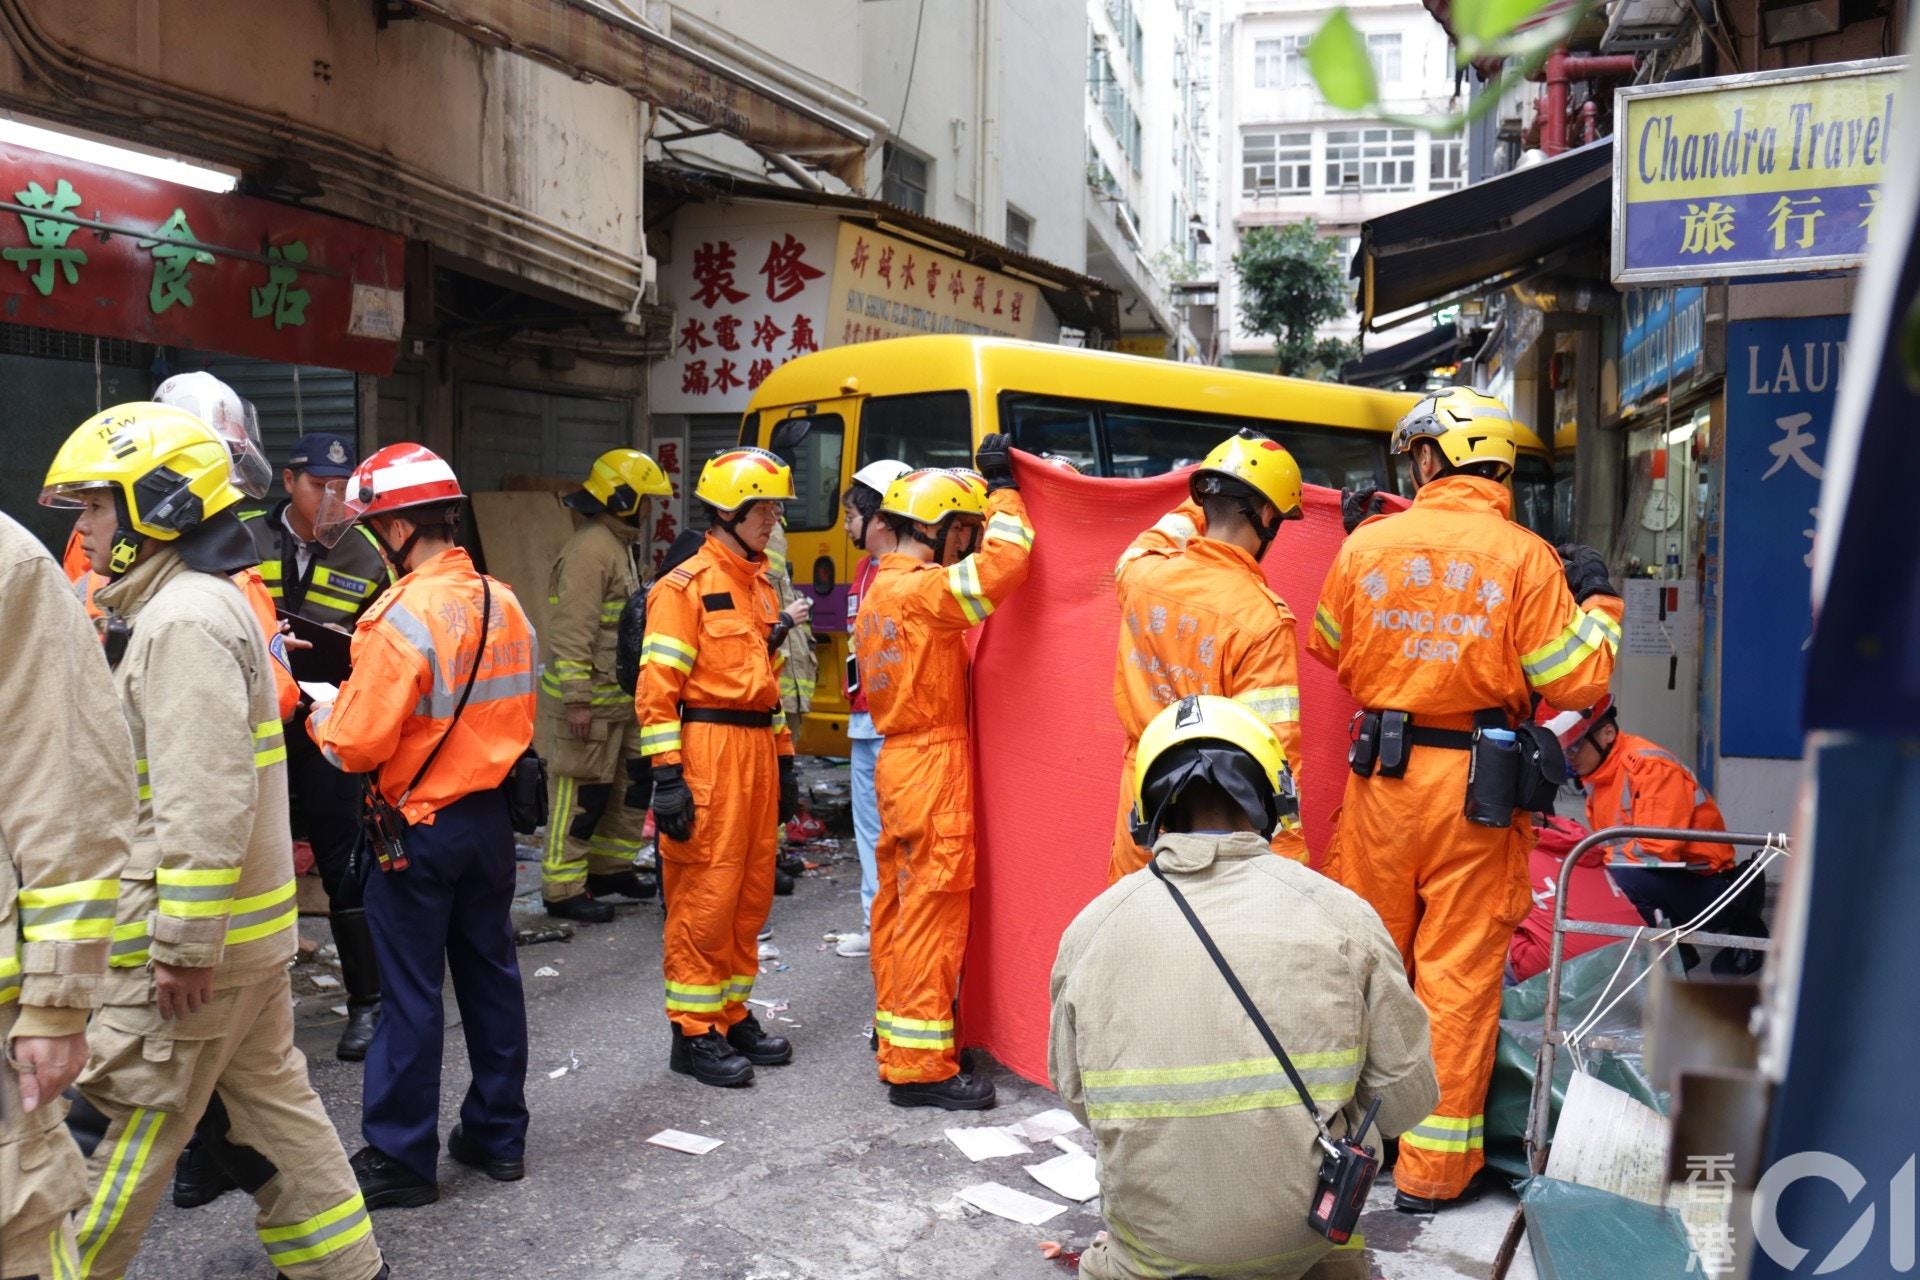 【北角車禍】疑忘記拉手掣釀四死 司機以身擋車遭捲車底拖行20米 - 香港 TIMES